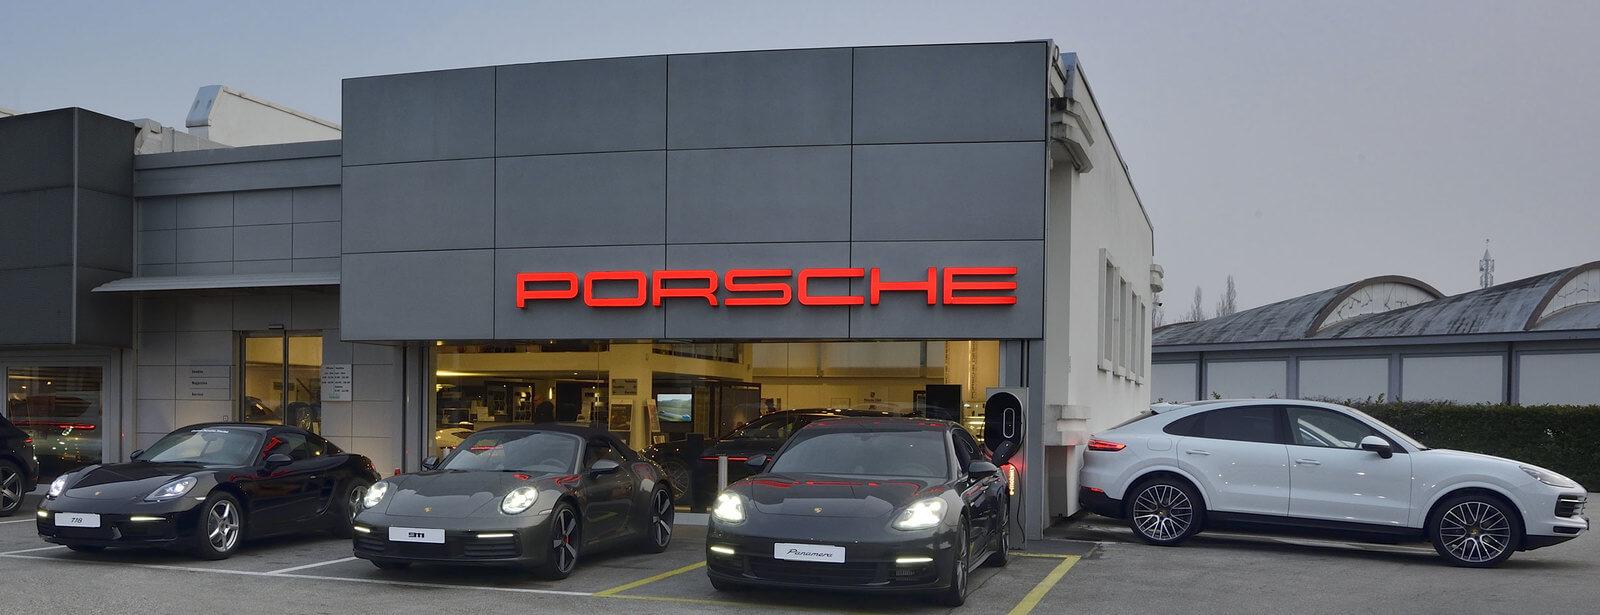 Centro Porsche Treviso.